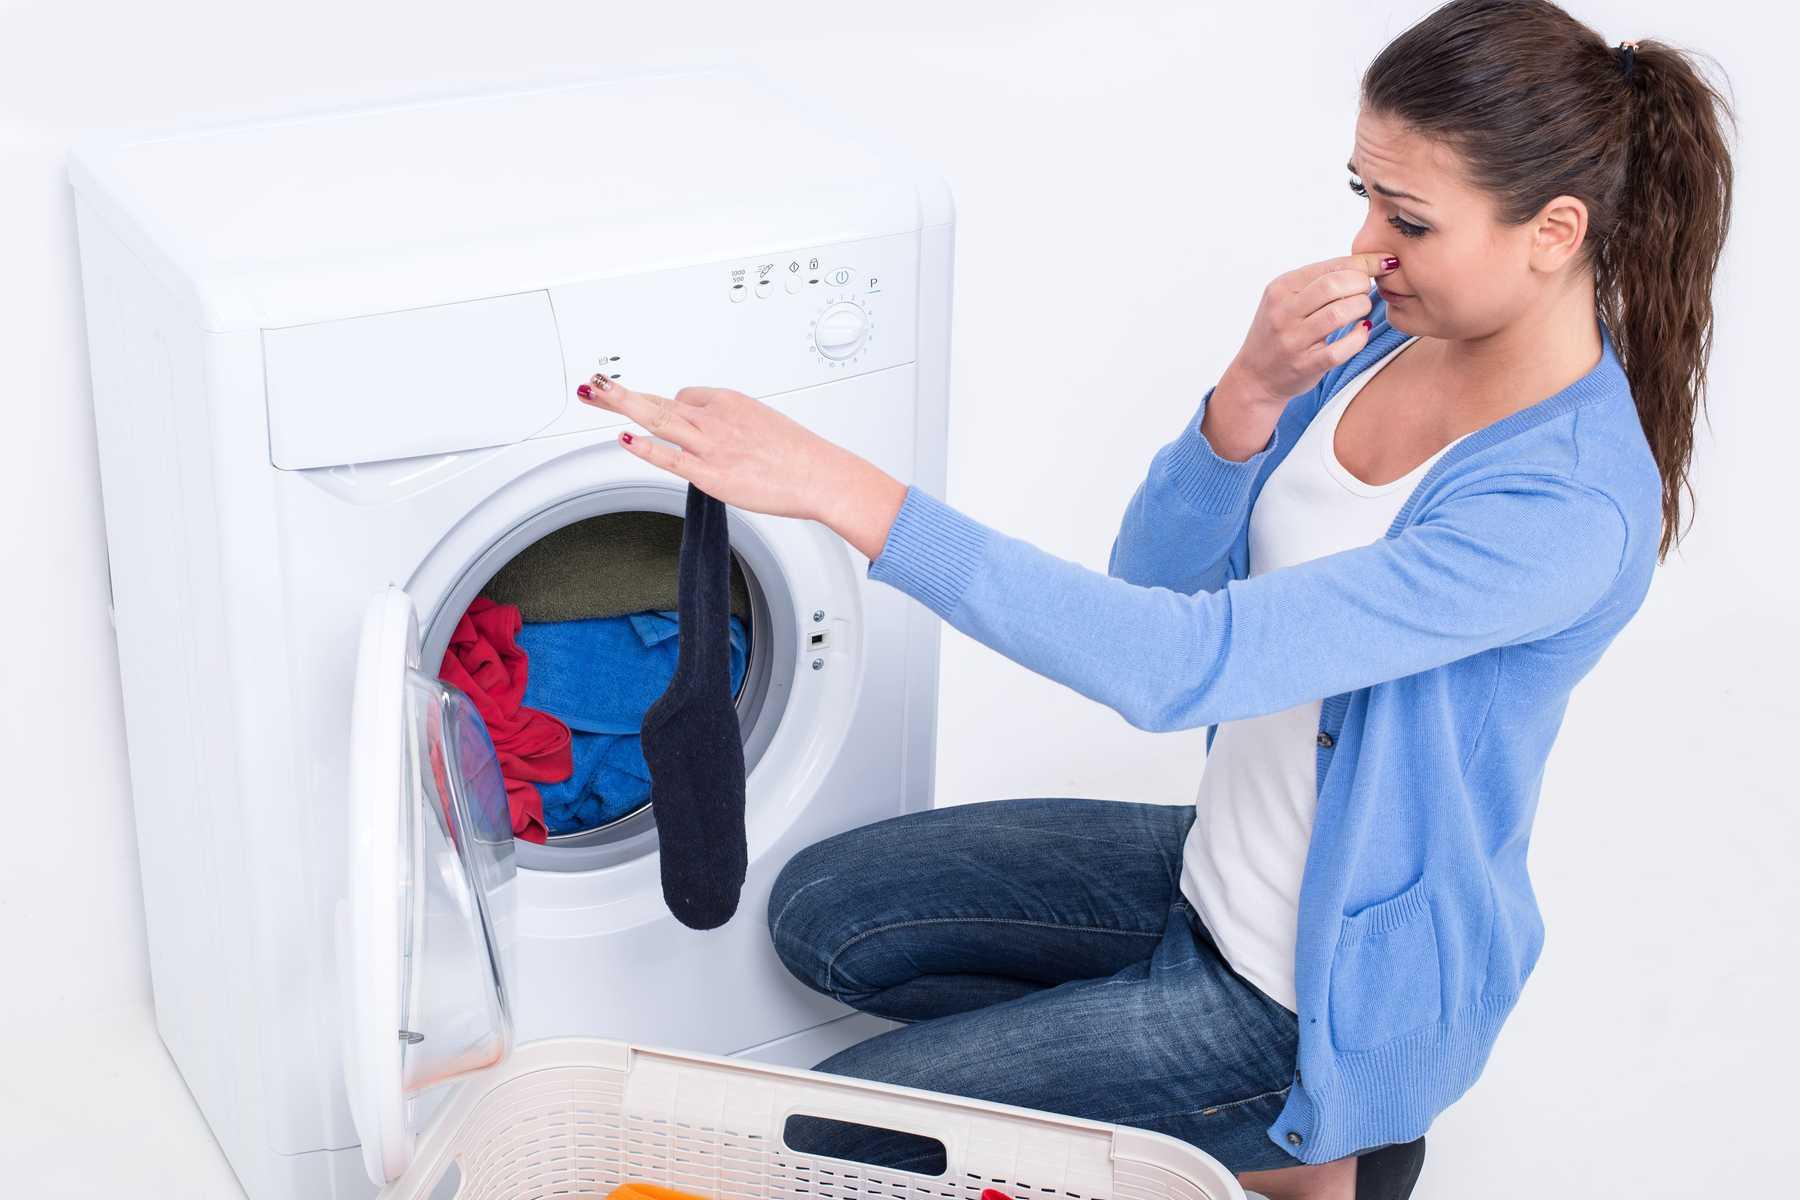 Đừng để quần áo quá lâu trong máy giặt